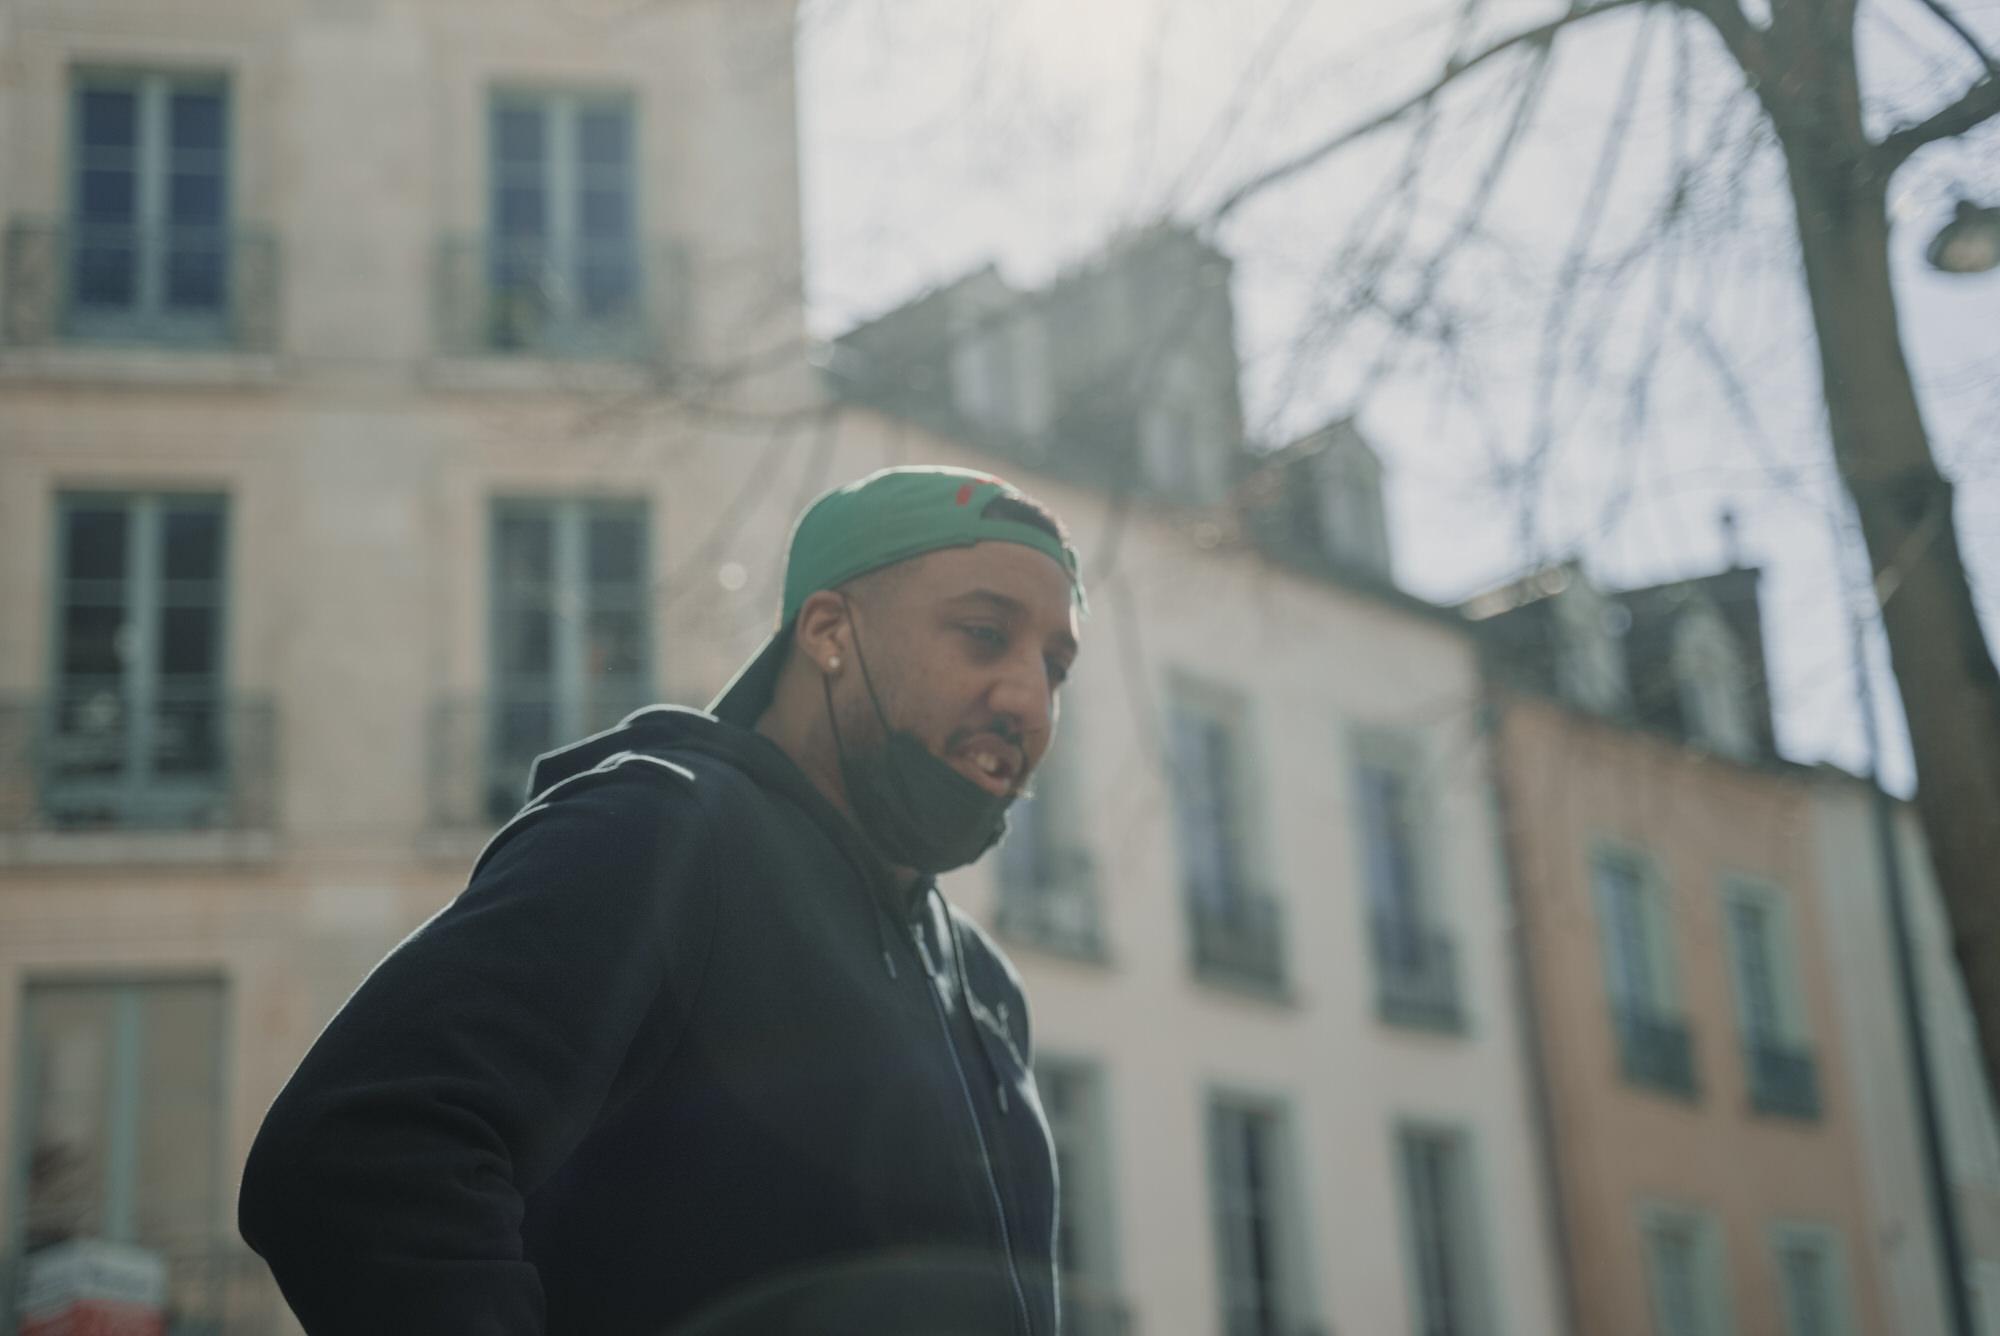 Des Coupes Pour Les Sans Abris Par Antoine Borzeix 8, Photographe & Videaste à Brest / Finistère